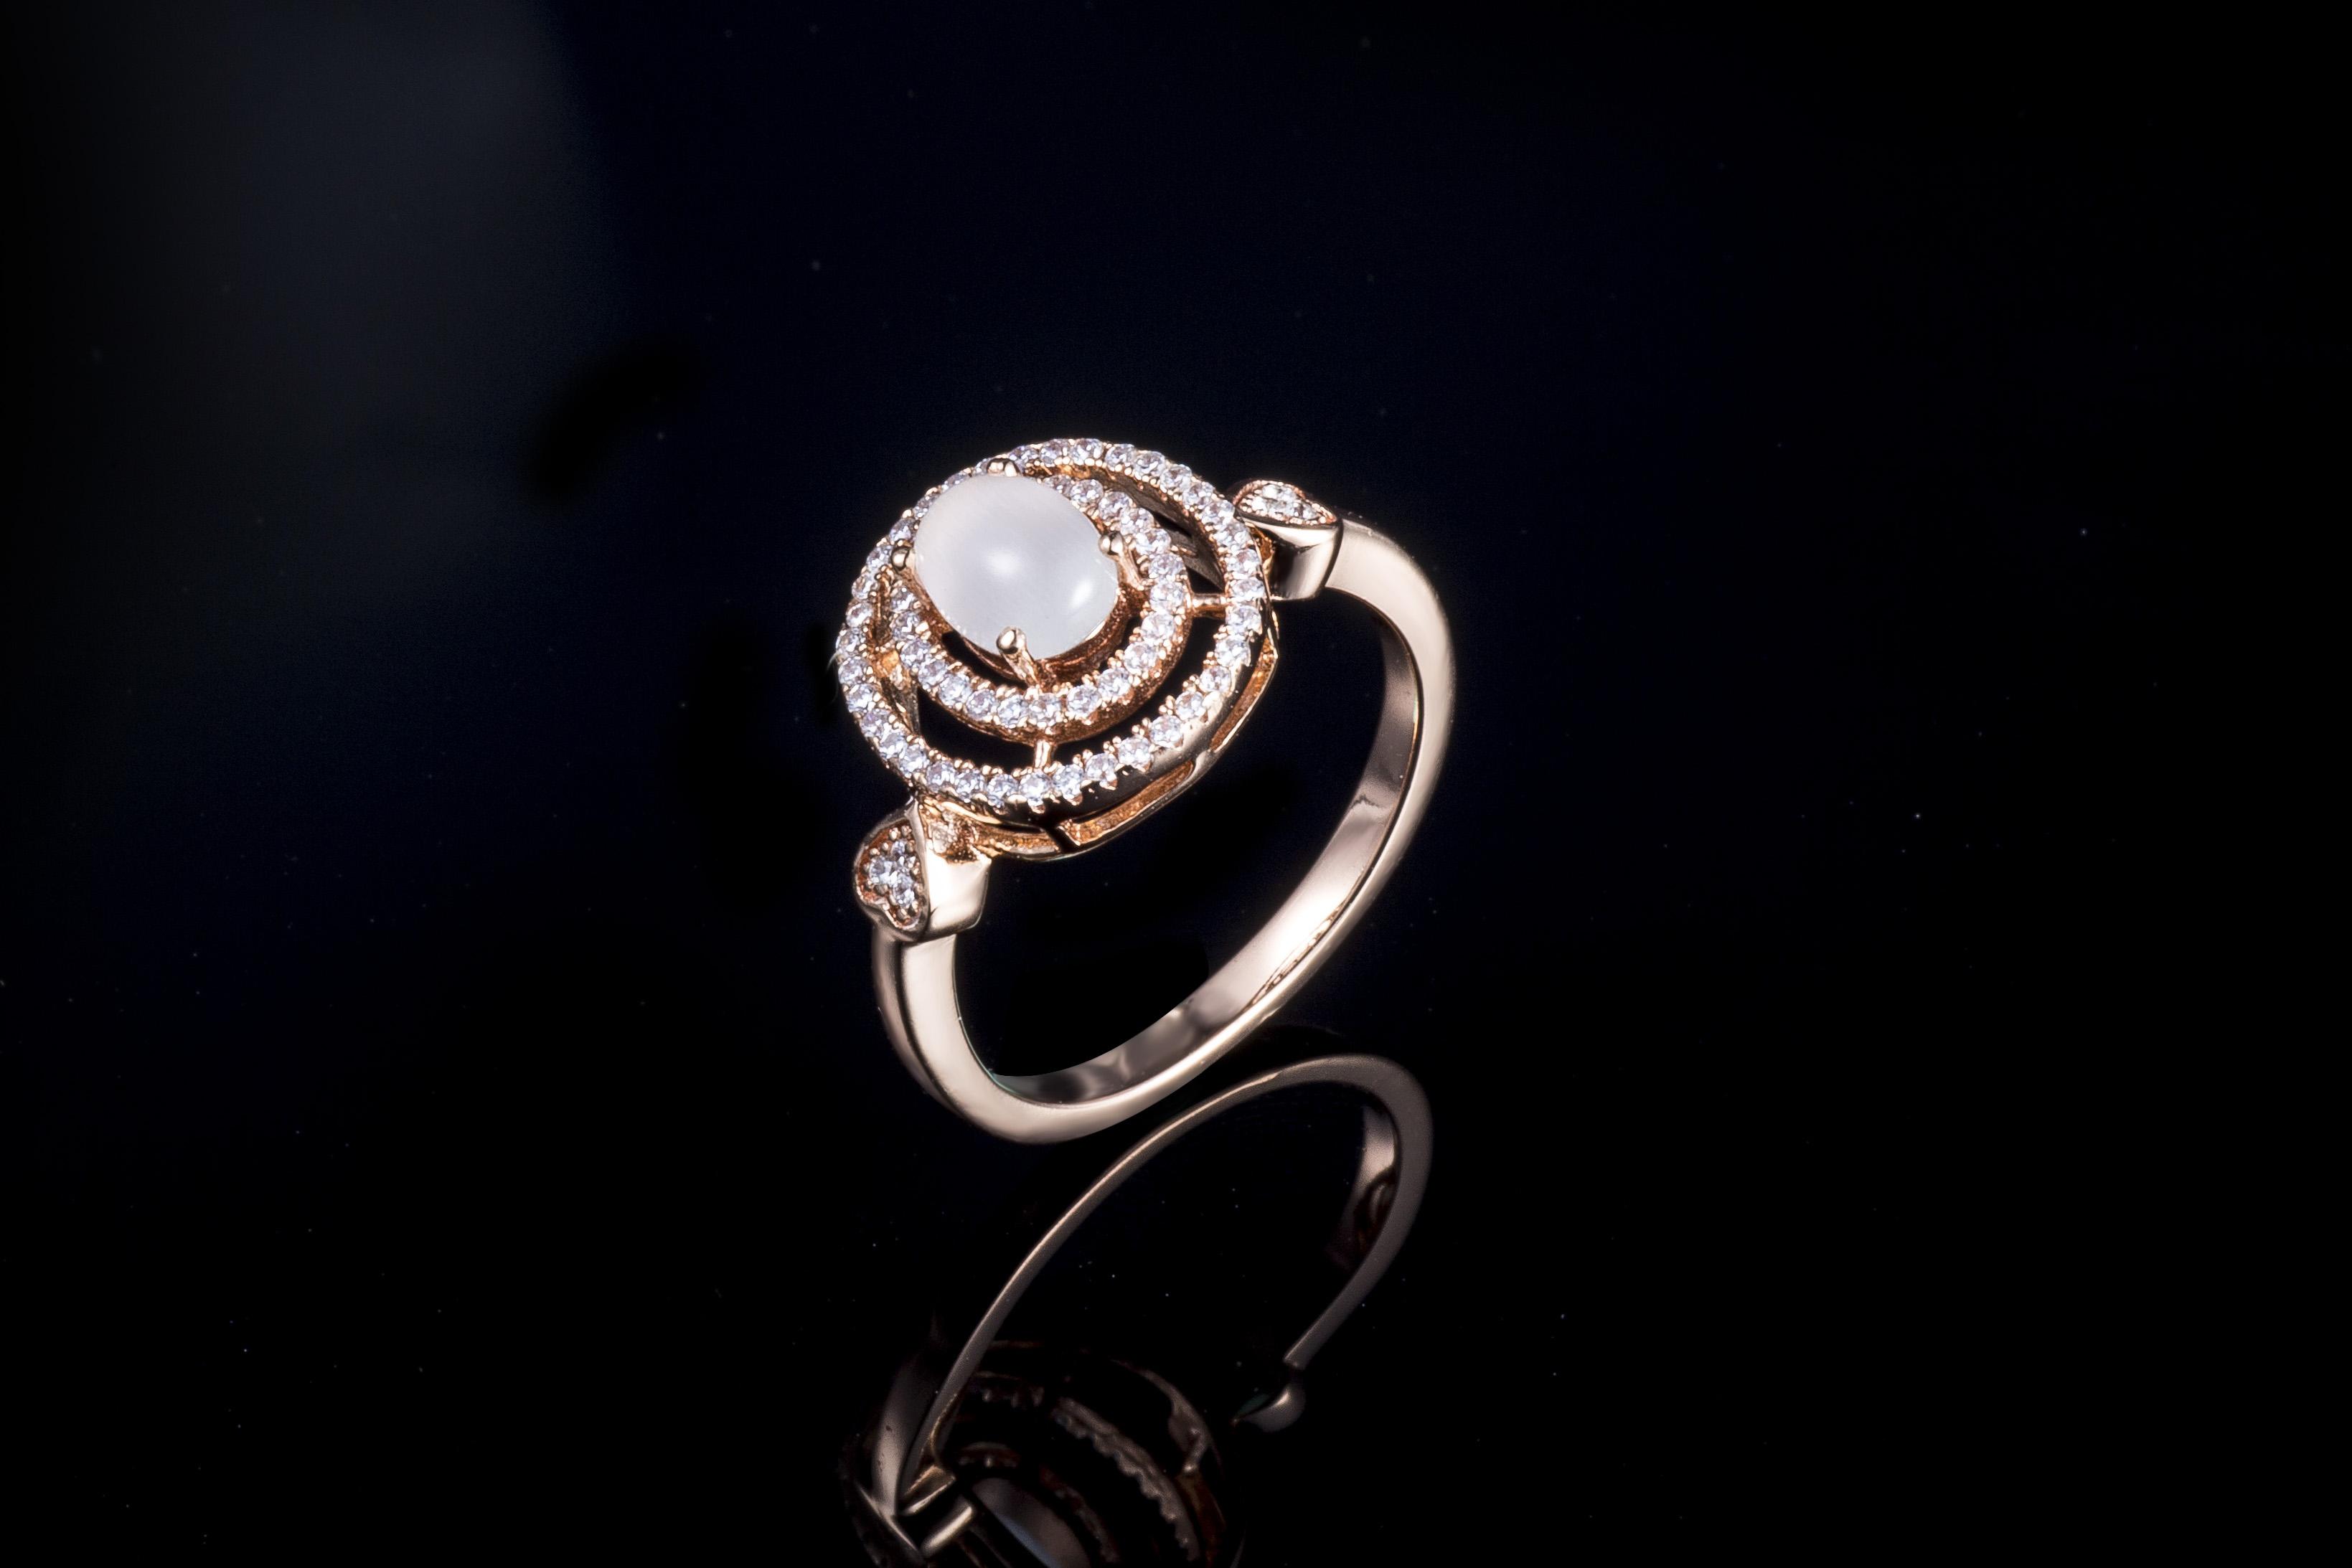 珠宝厂家代加工925纯银玉髓时尚流行戒指定制